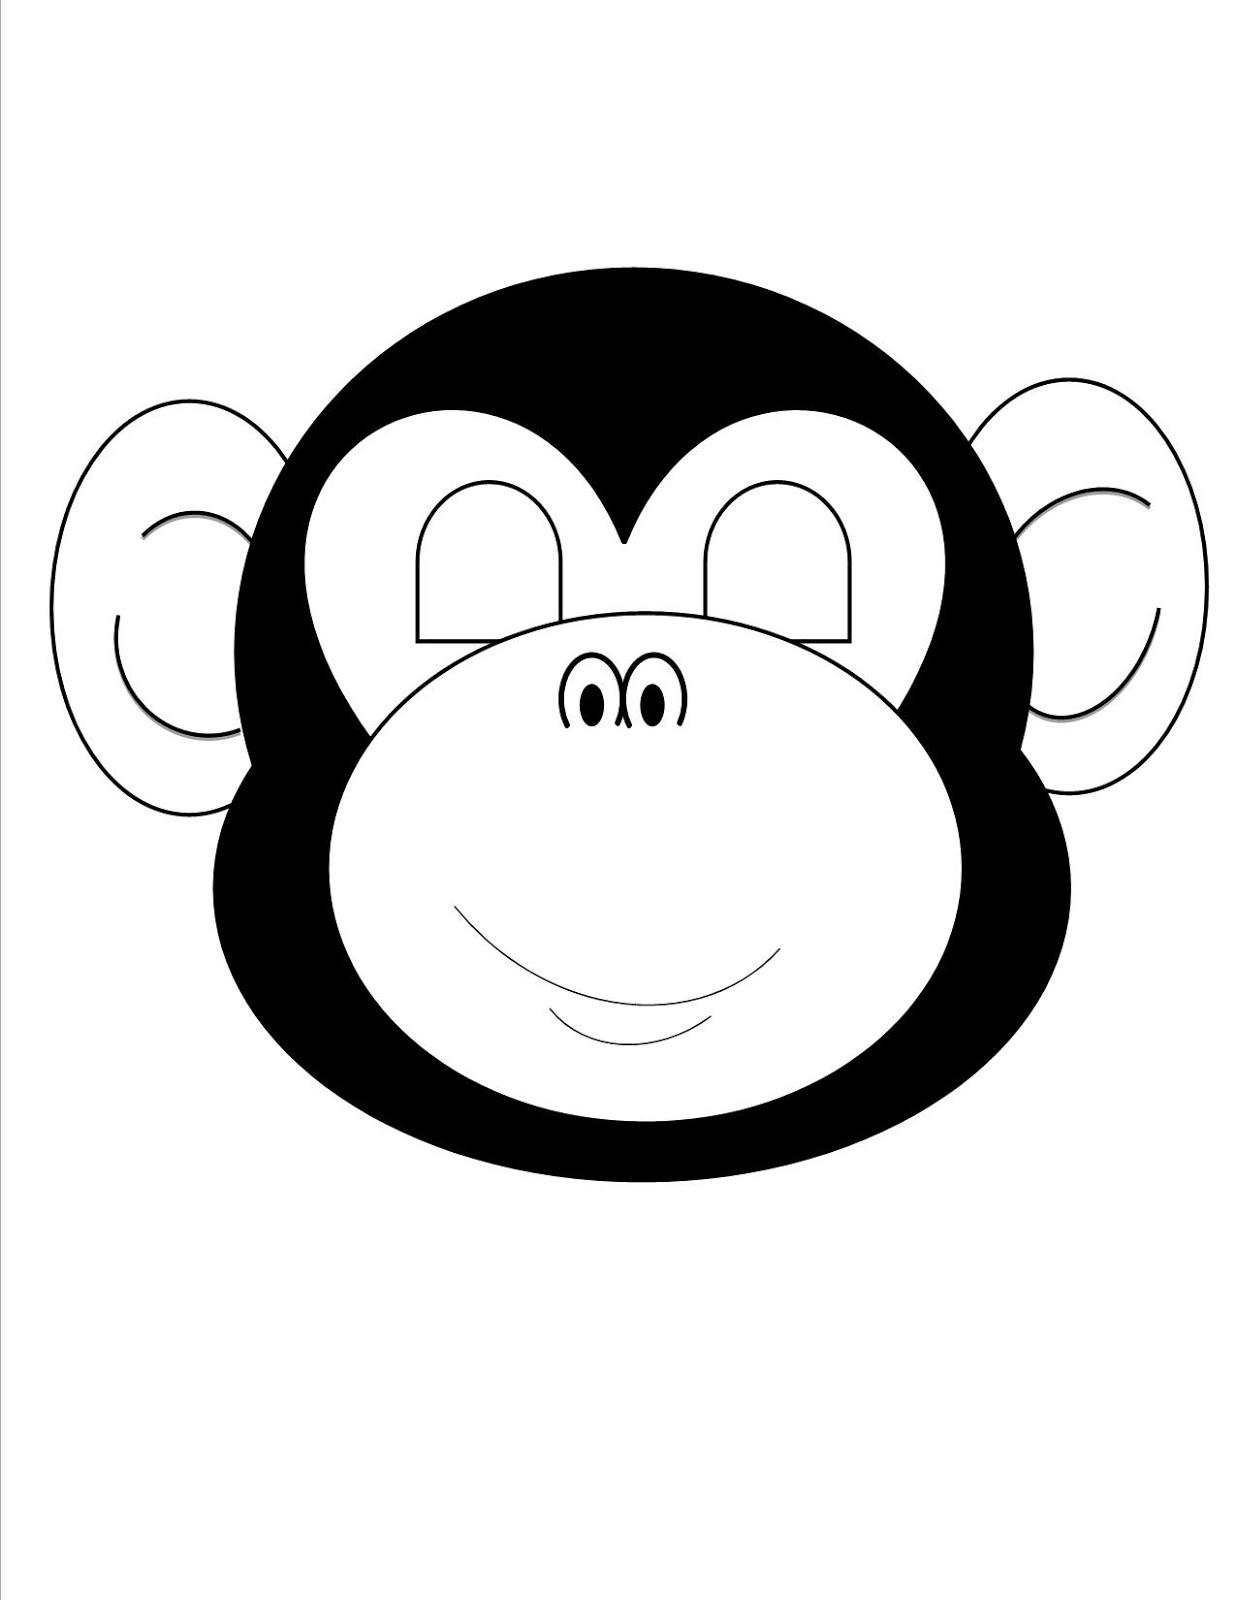 mcmurry education c i dawgs monkey masks